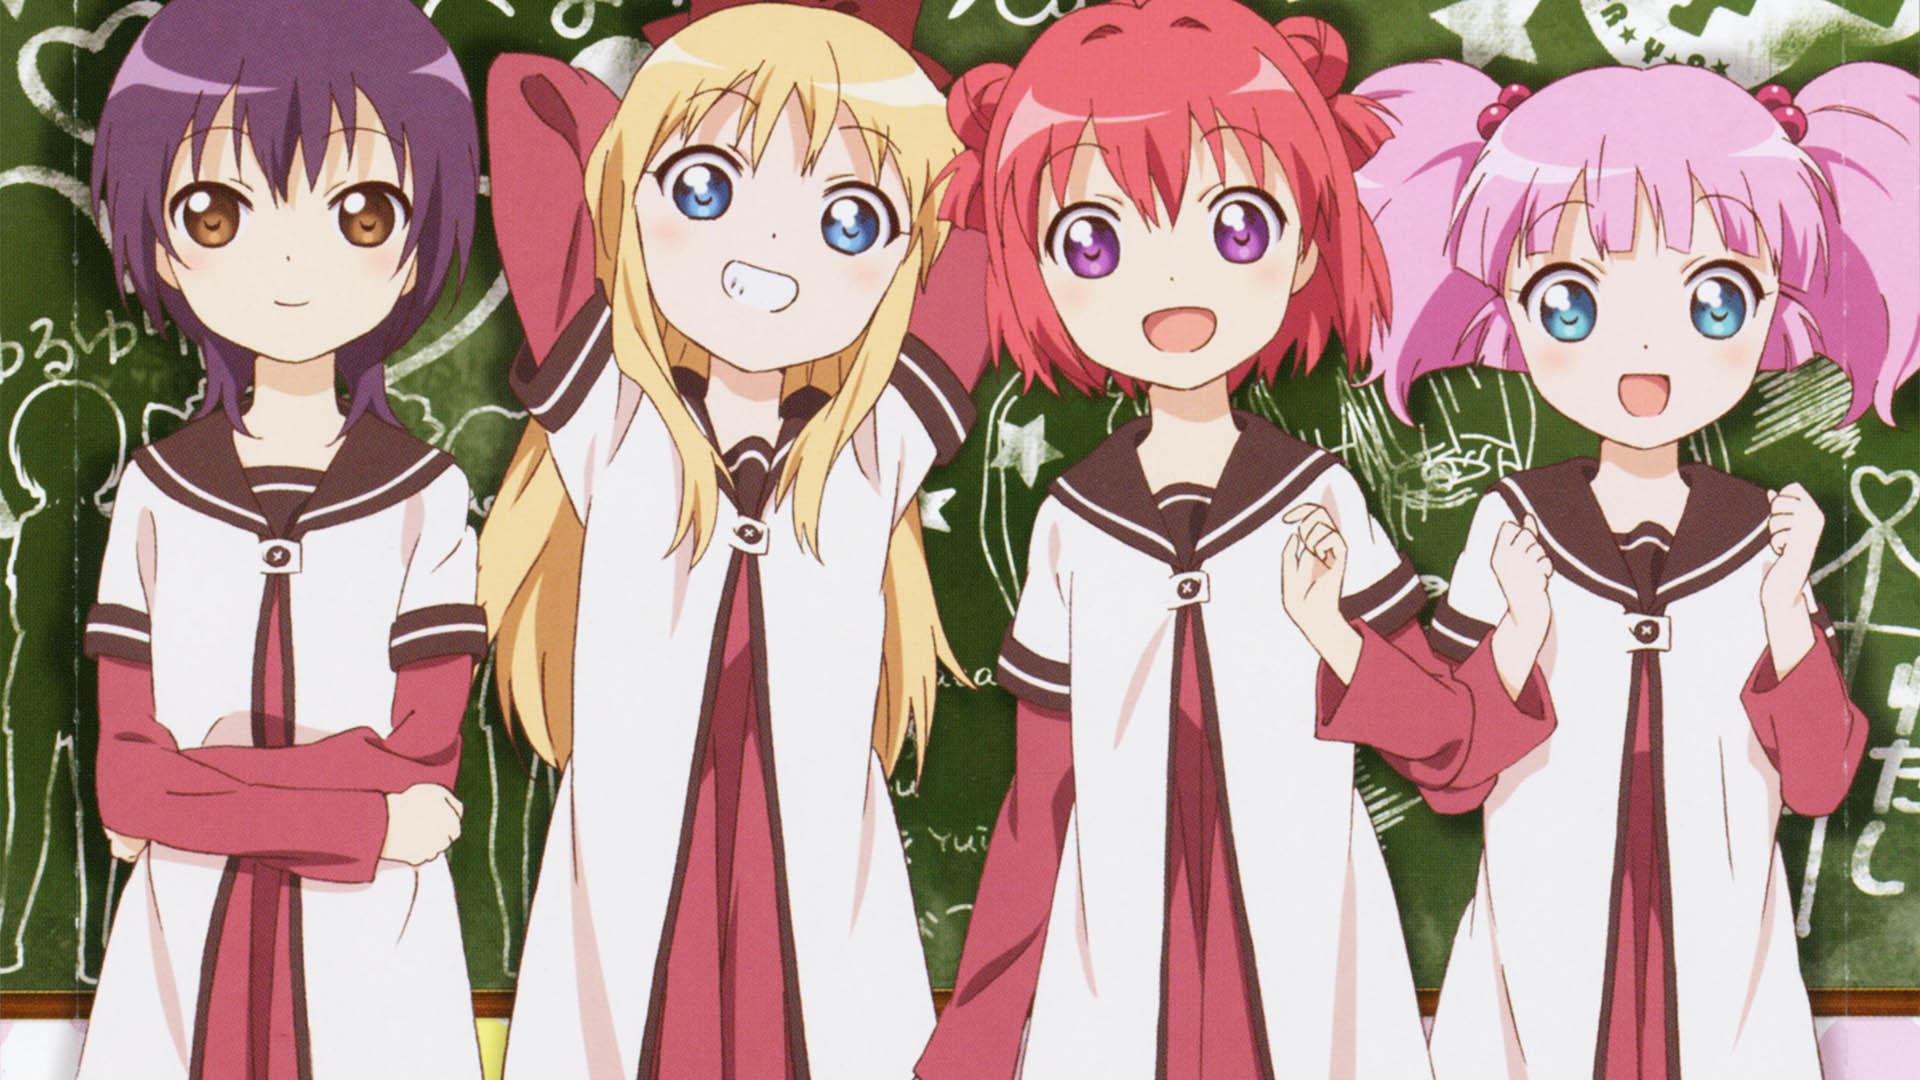 anime-estreno-octubre-2019/otoño-anime-2019/YURU YURI